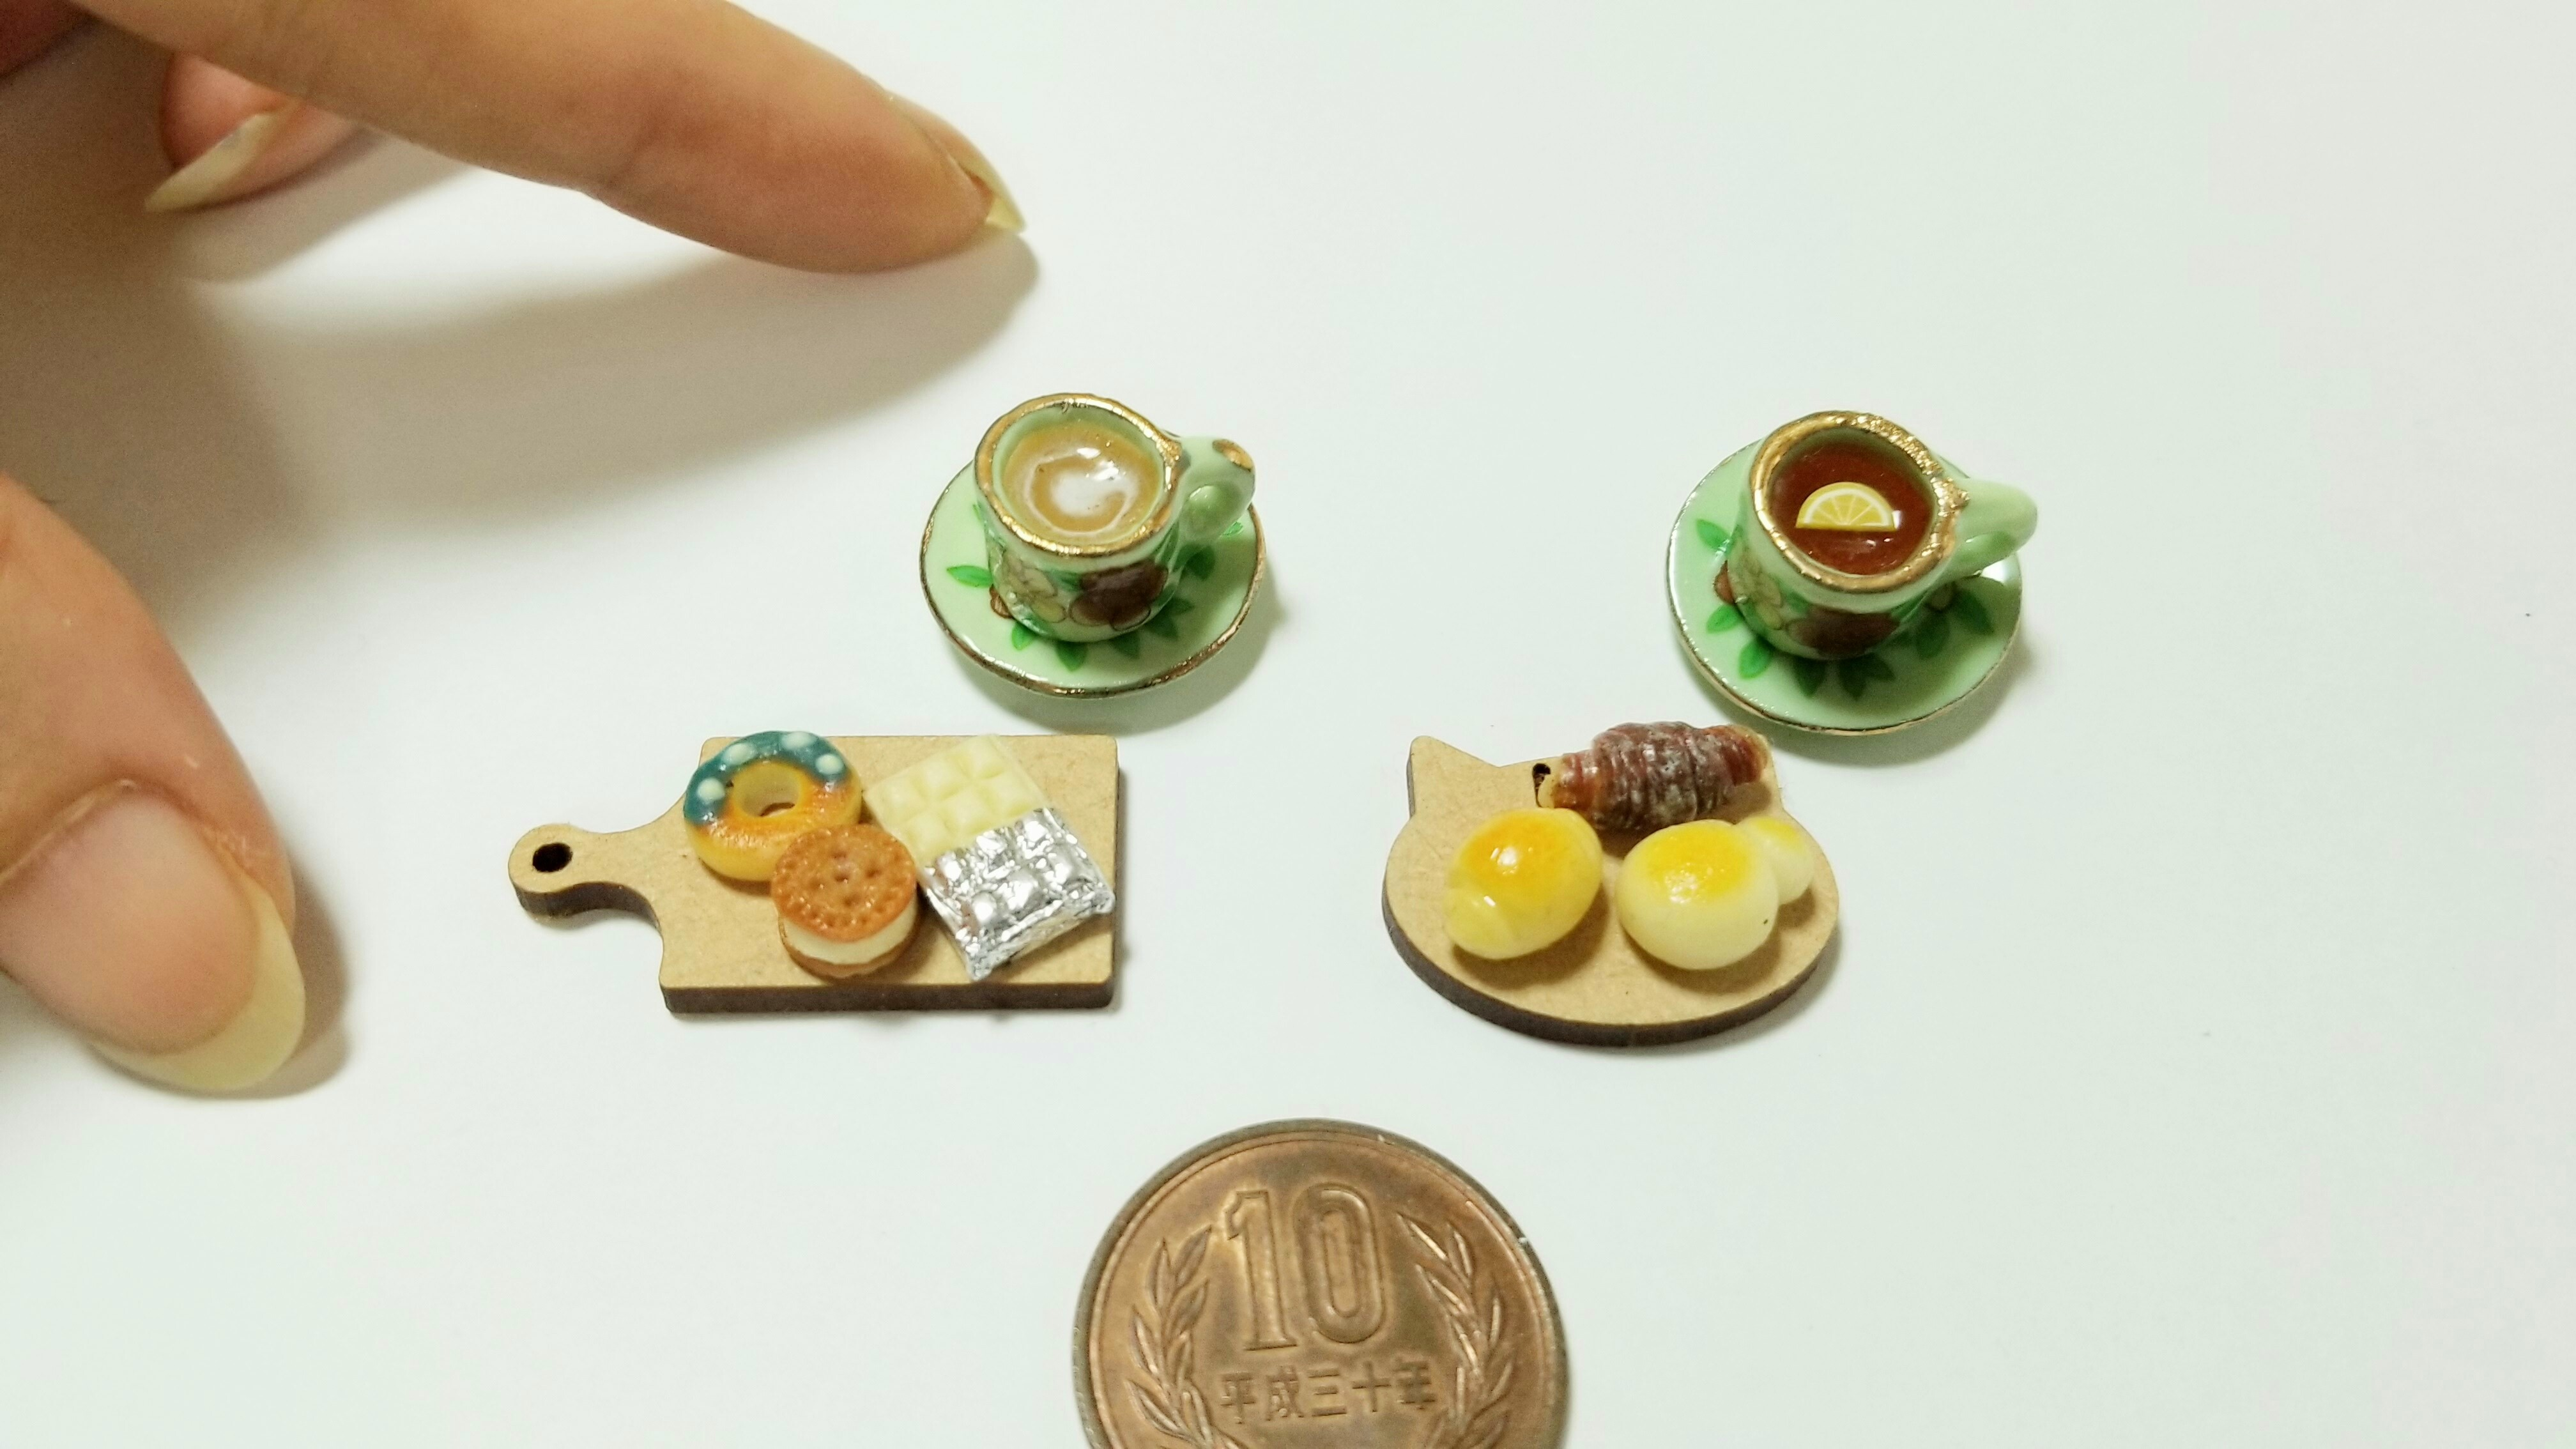 ミニチュアフードツイッタープレゼント企画かわいい小物小さな世界